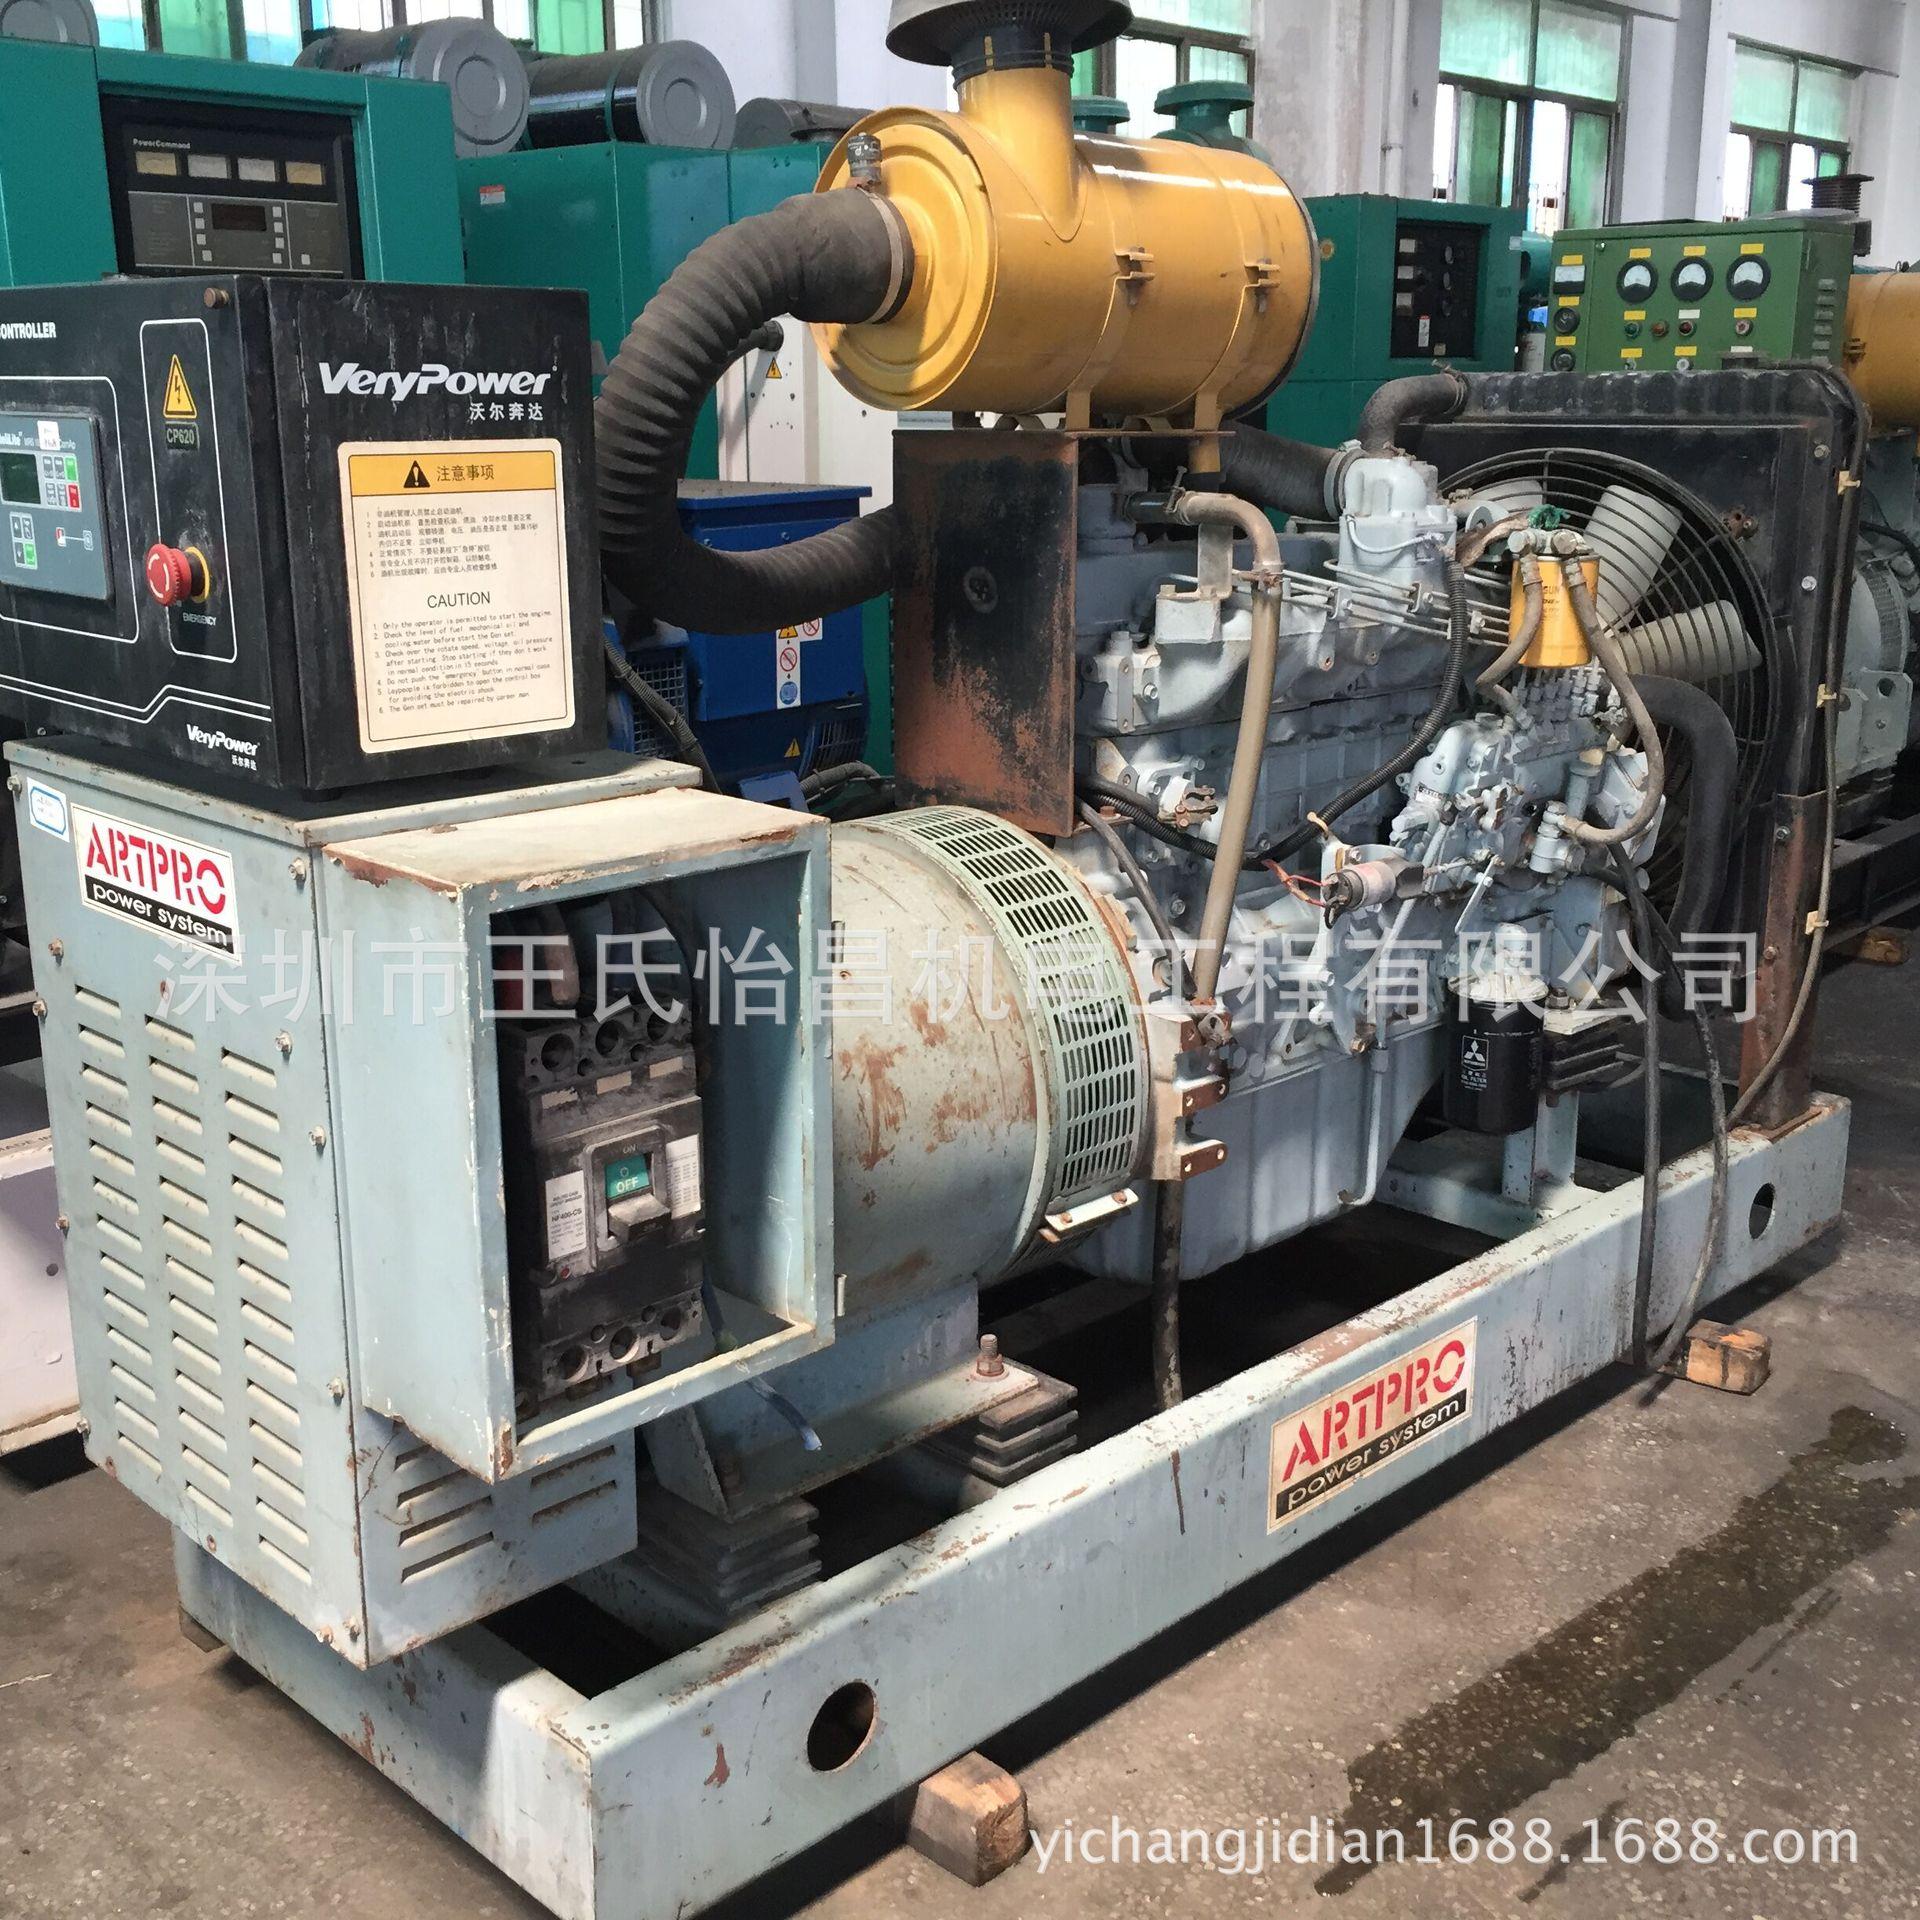 深圳二手柴油发电机组80kw|日本进口三菱|二手进口发电机100kva